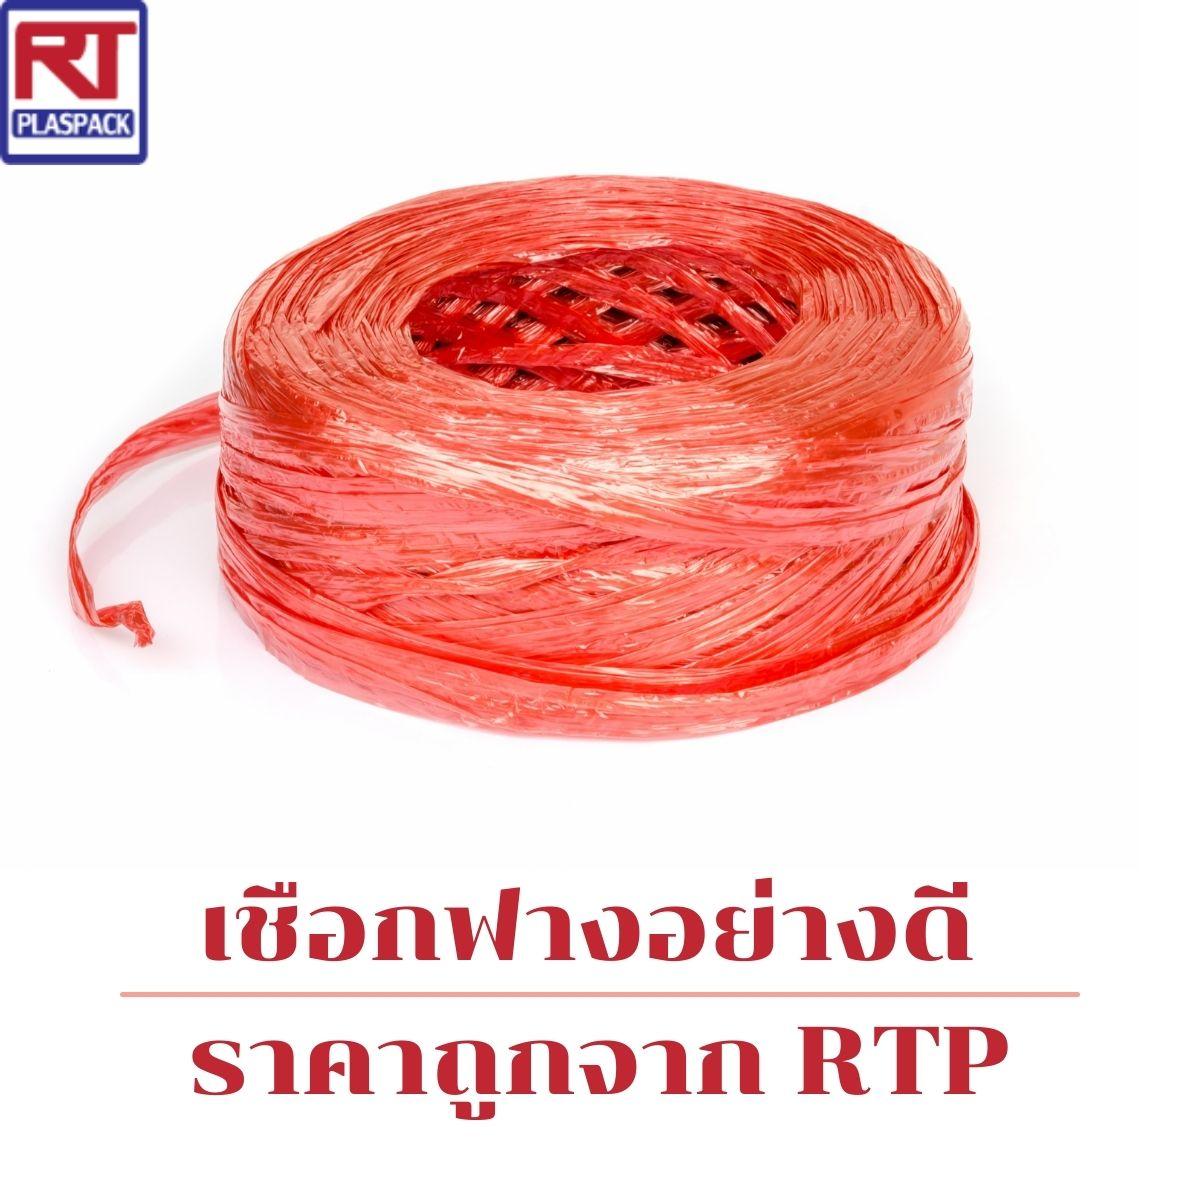 เชือกฟางอย่างดี ราคาถูกจาก RTP